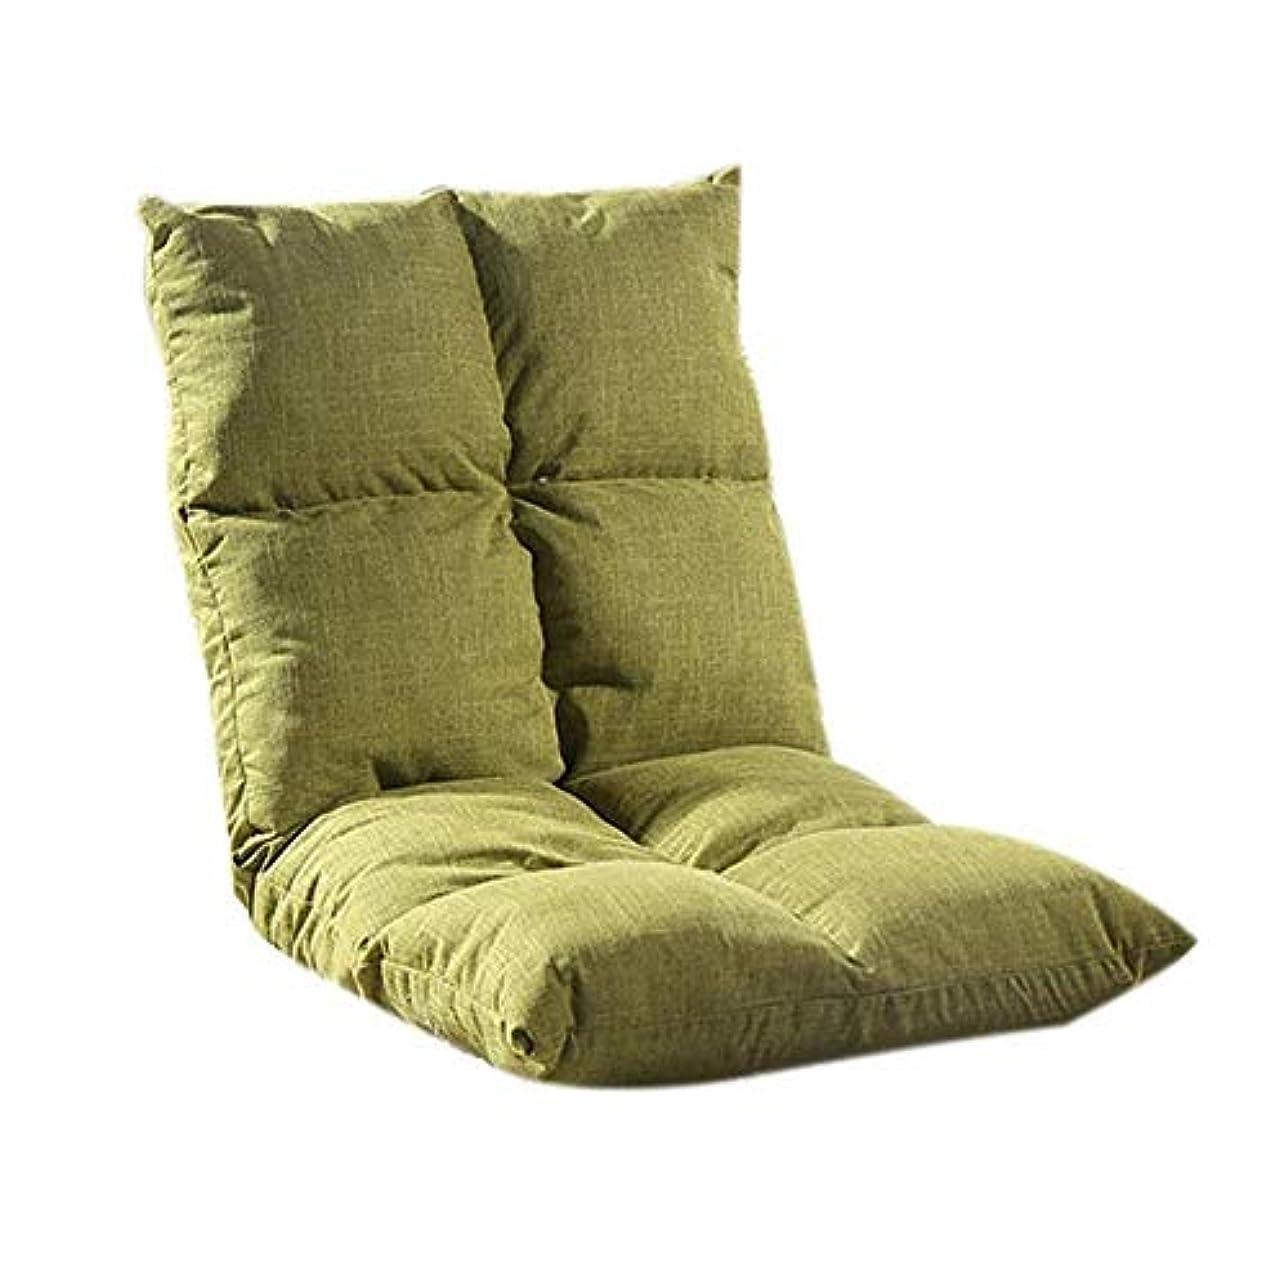 任意けがをする勝利怠zyなフロアチェア、畳クッション、シングルメディテーションチェア、背もたれ一体型フロアクッション、折りたたみ式厚手バルコニー和風、調節可能な椅子怠Adjustなソファゲームチェア (Color : 緑)